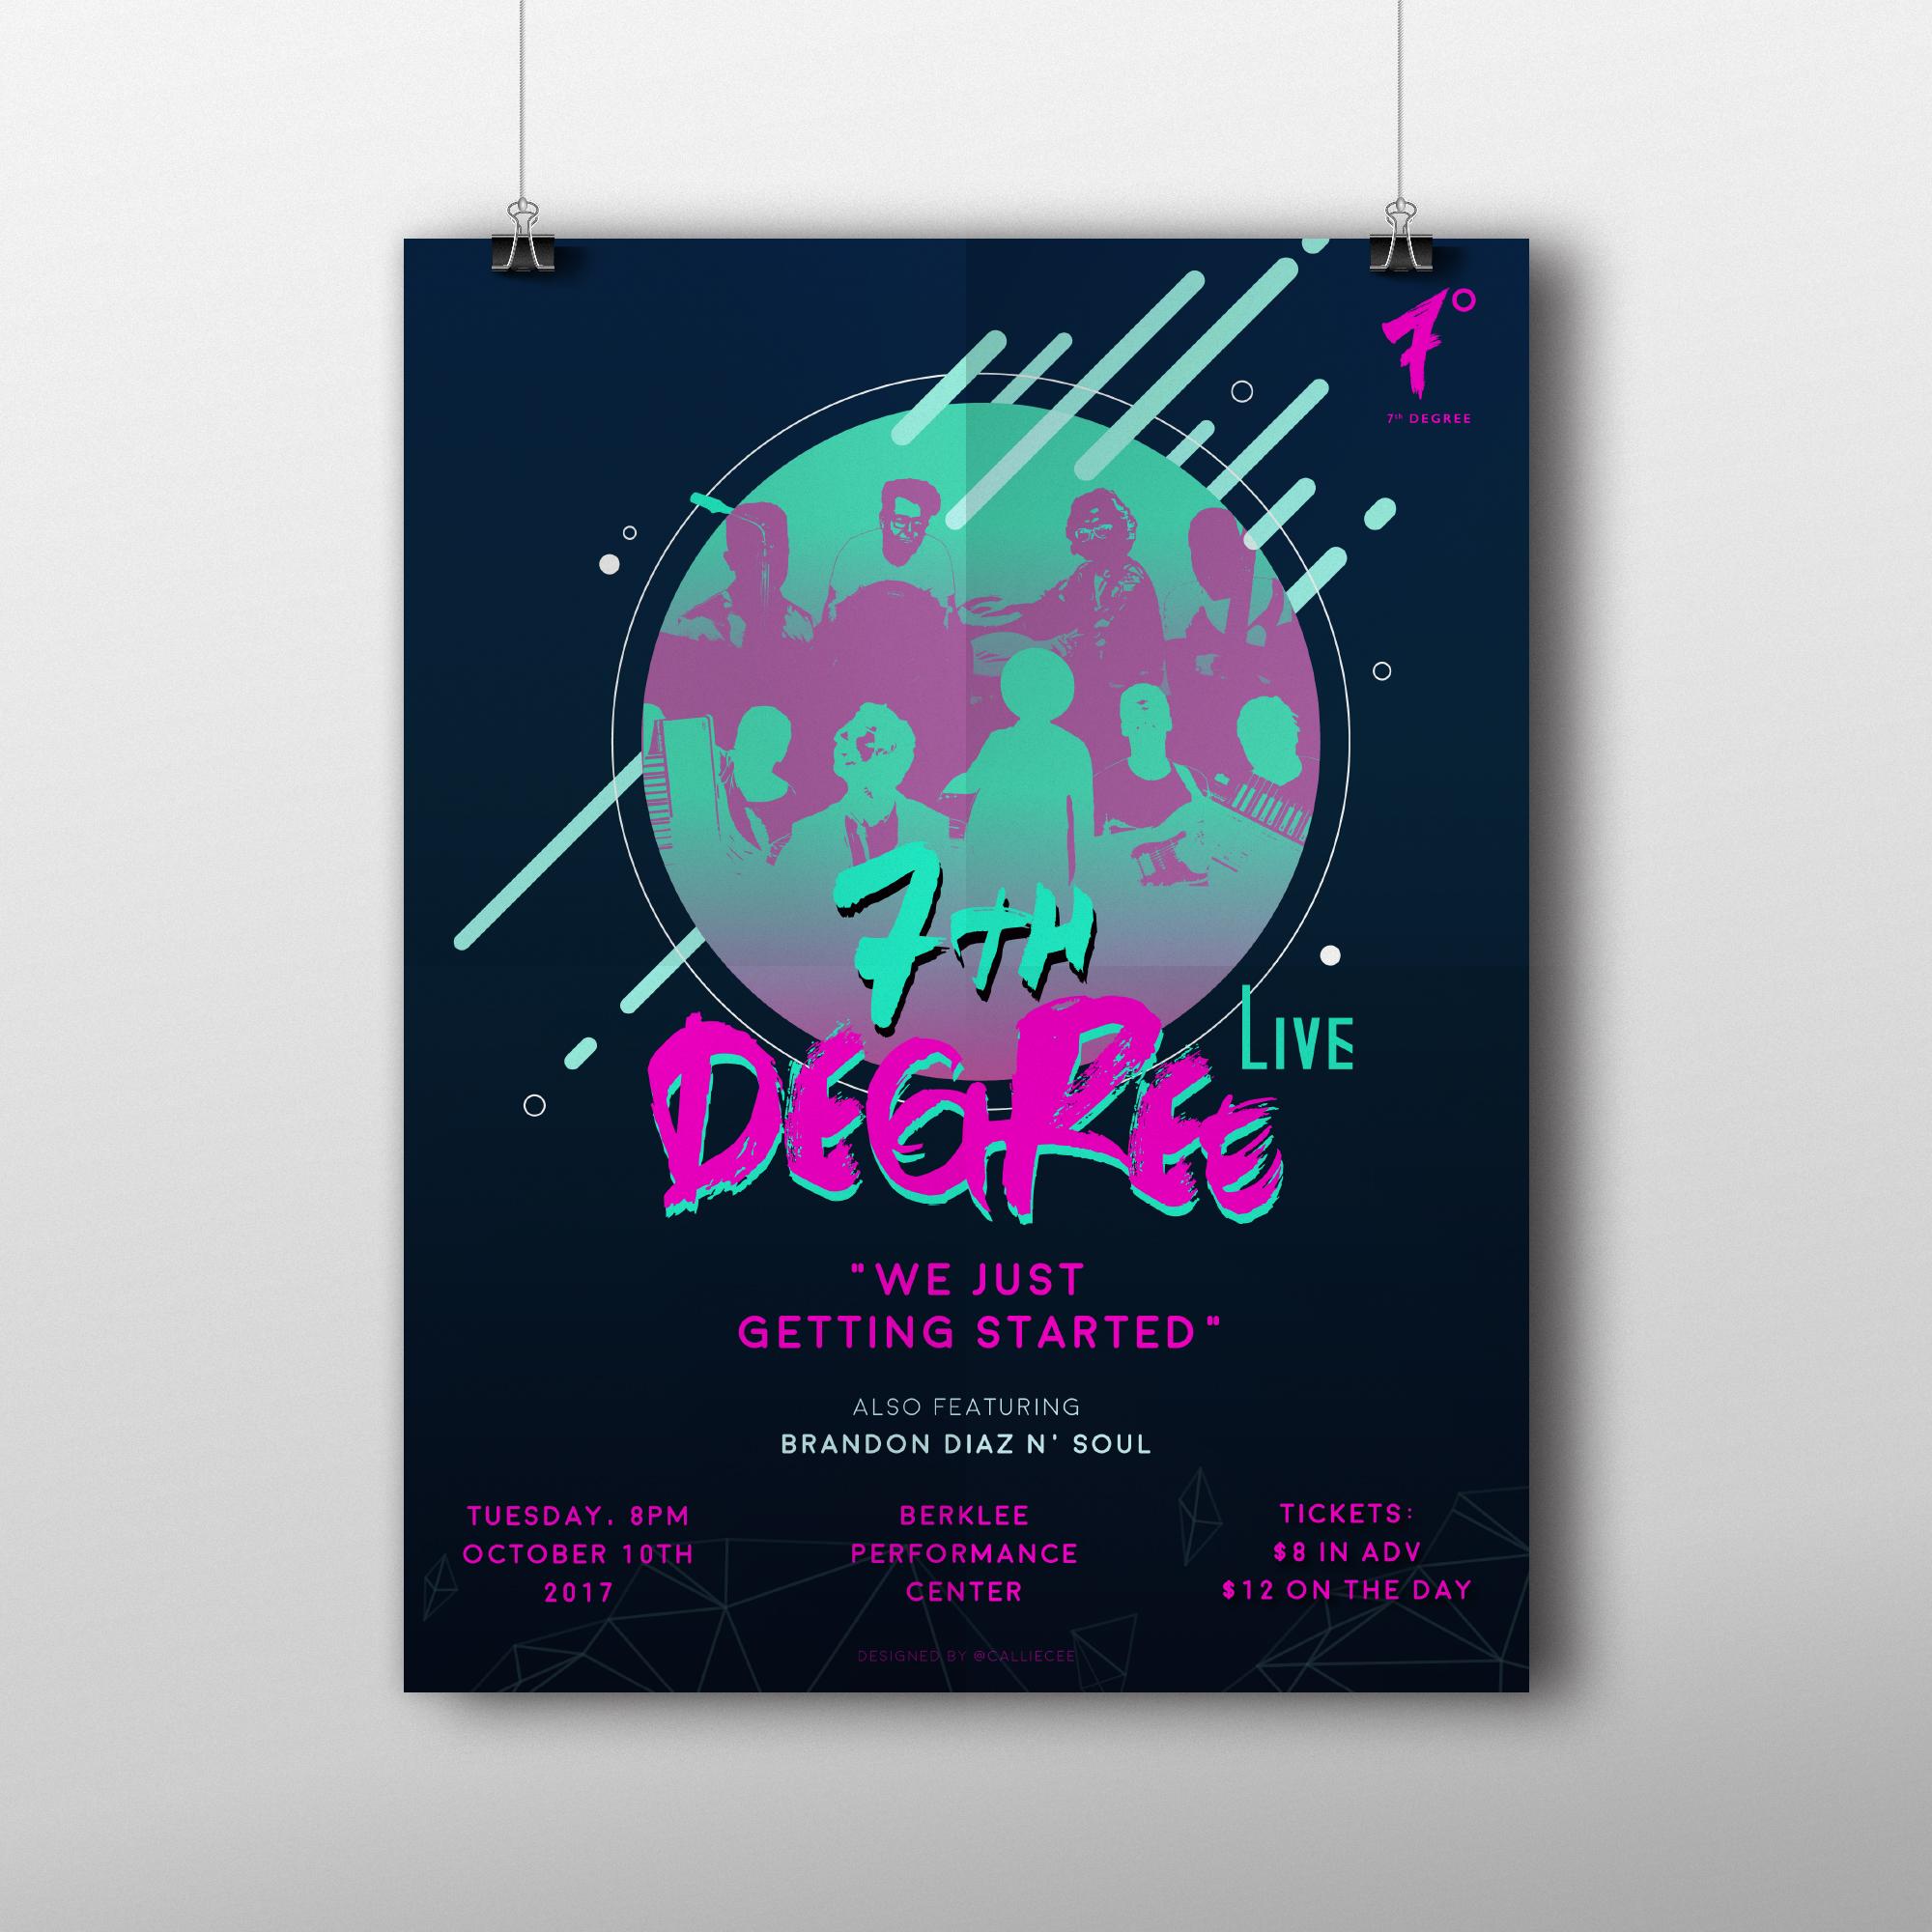 edited-7thDeg-Poster-BPC-Oct.jpg